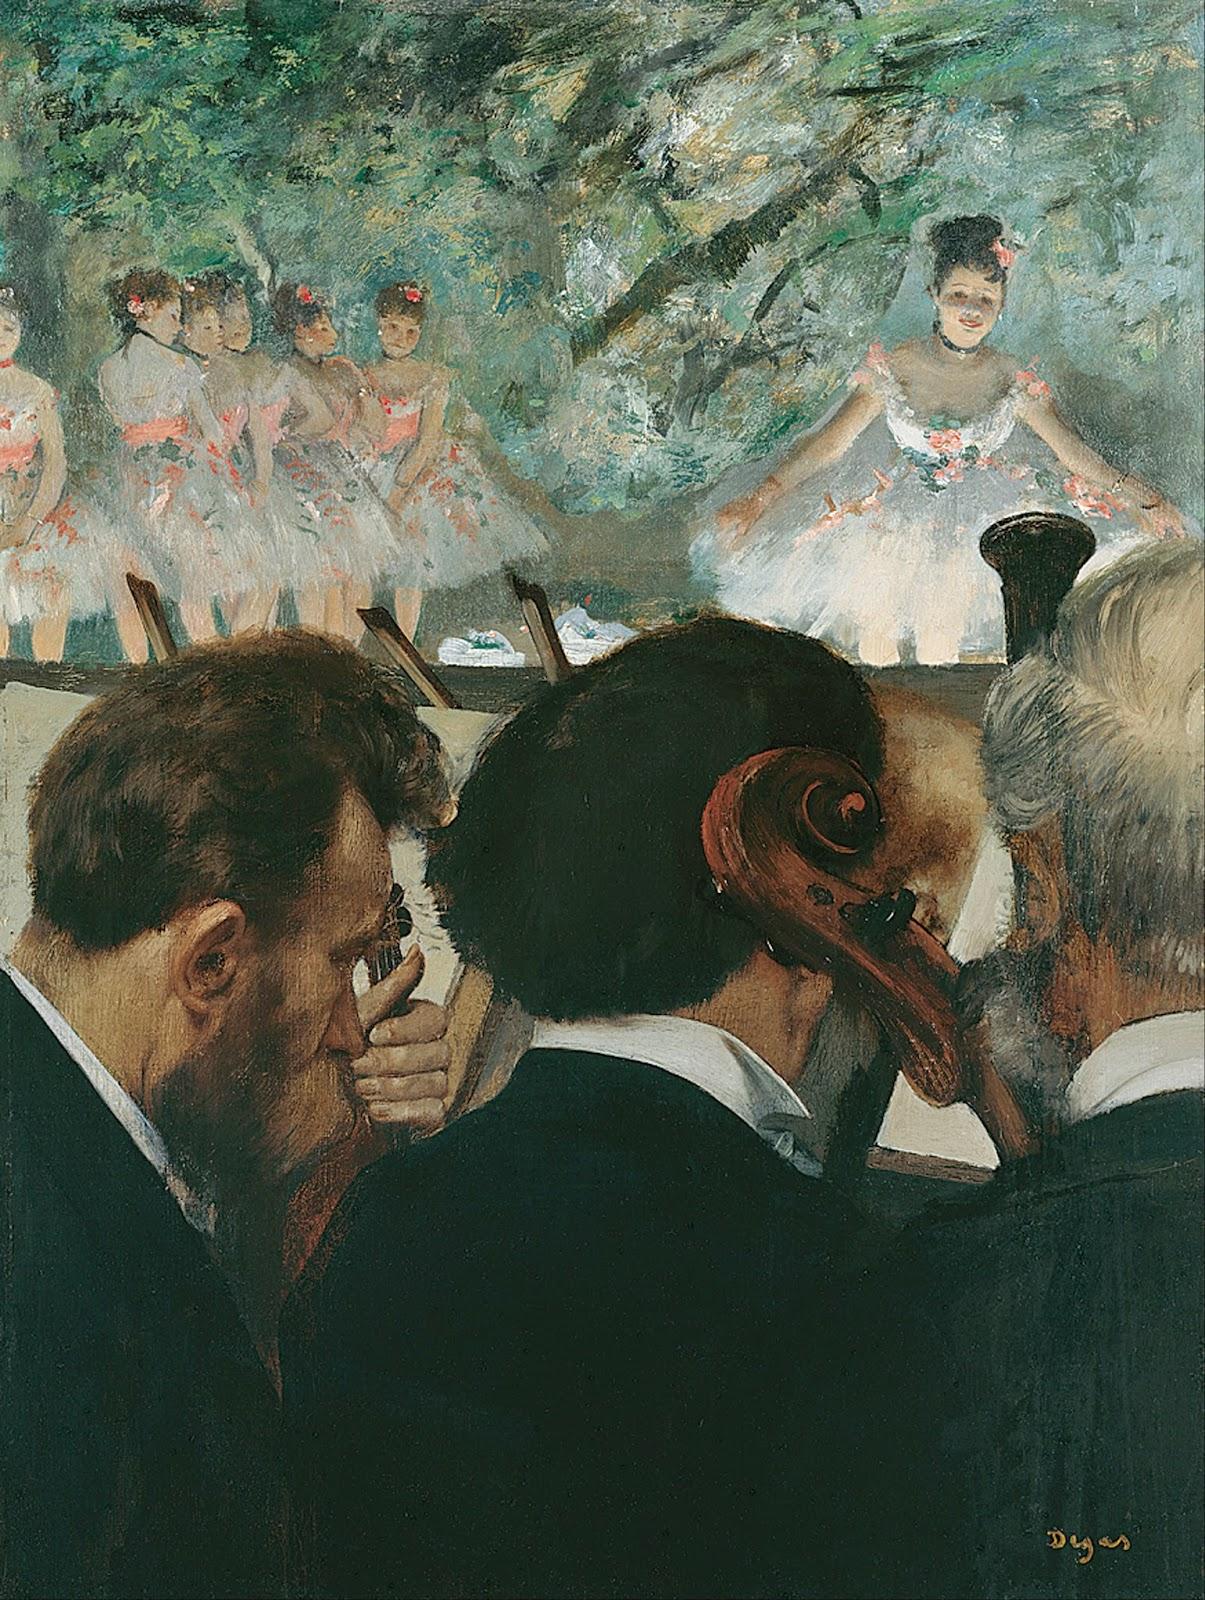 Músicos da Orquestra - Edgar Degas